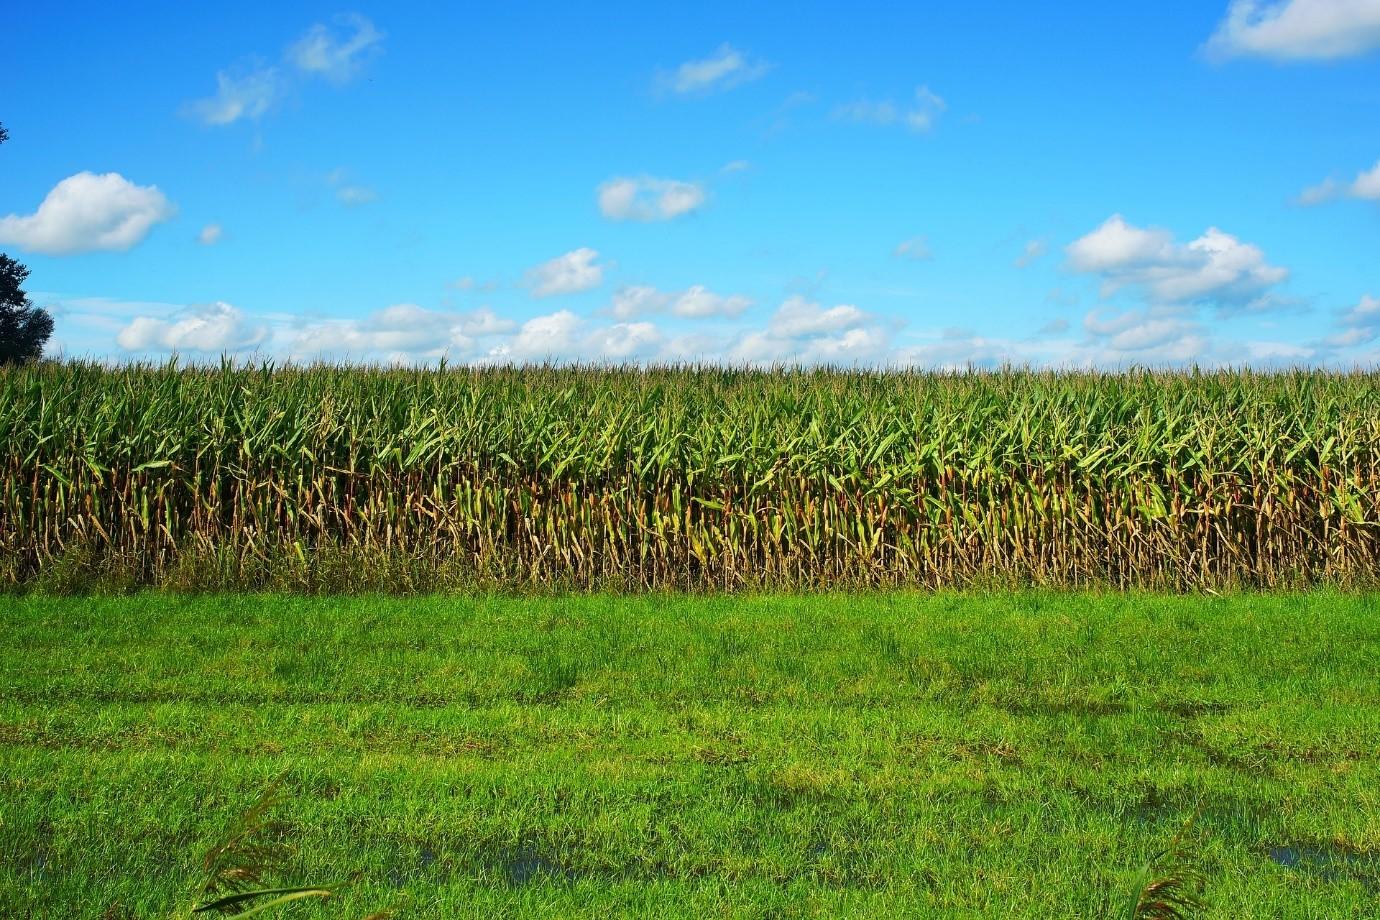 Maize crop field